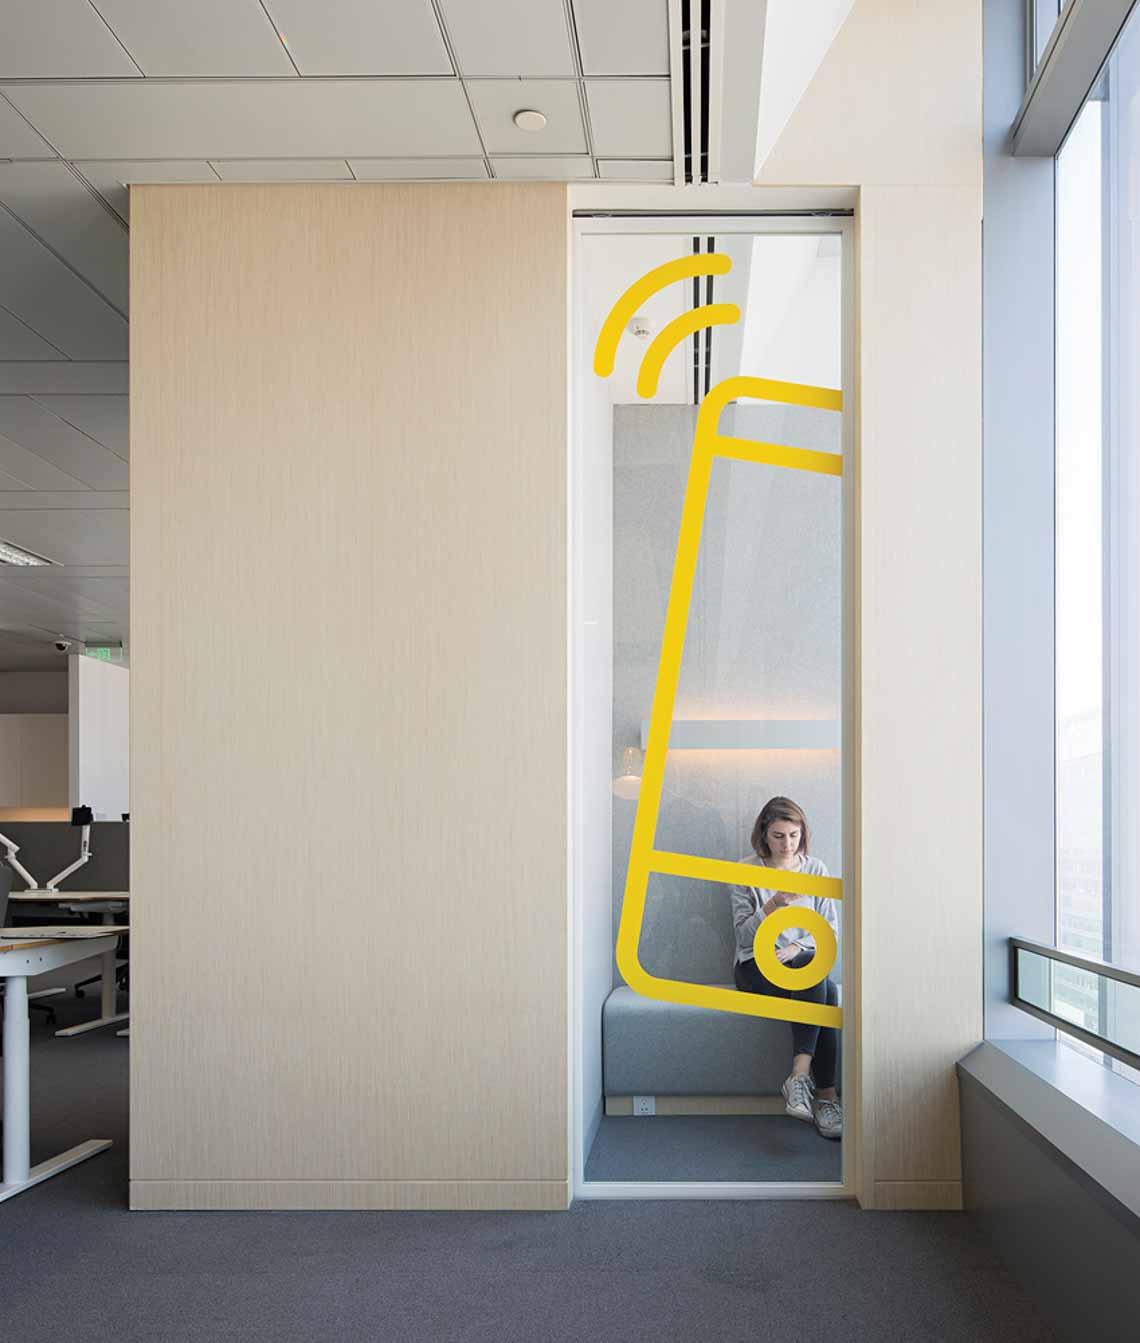 Màu của năm 2021 Pantone: Vàng và xám trong kiến trúc - 17